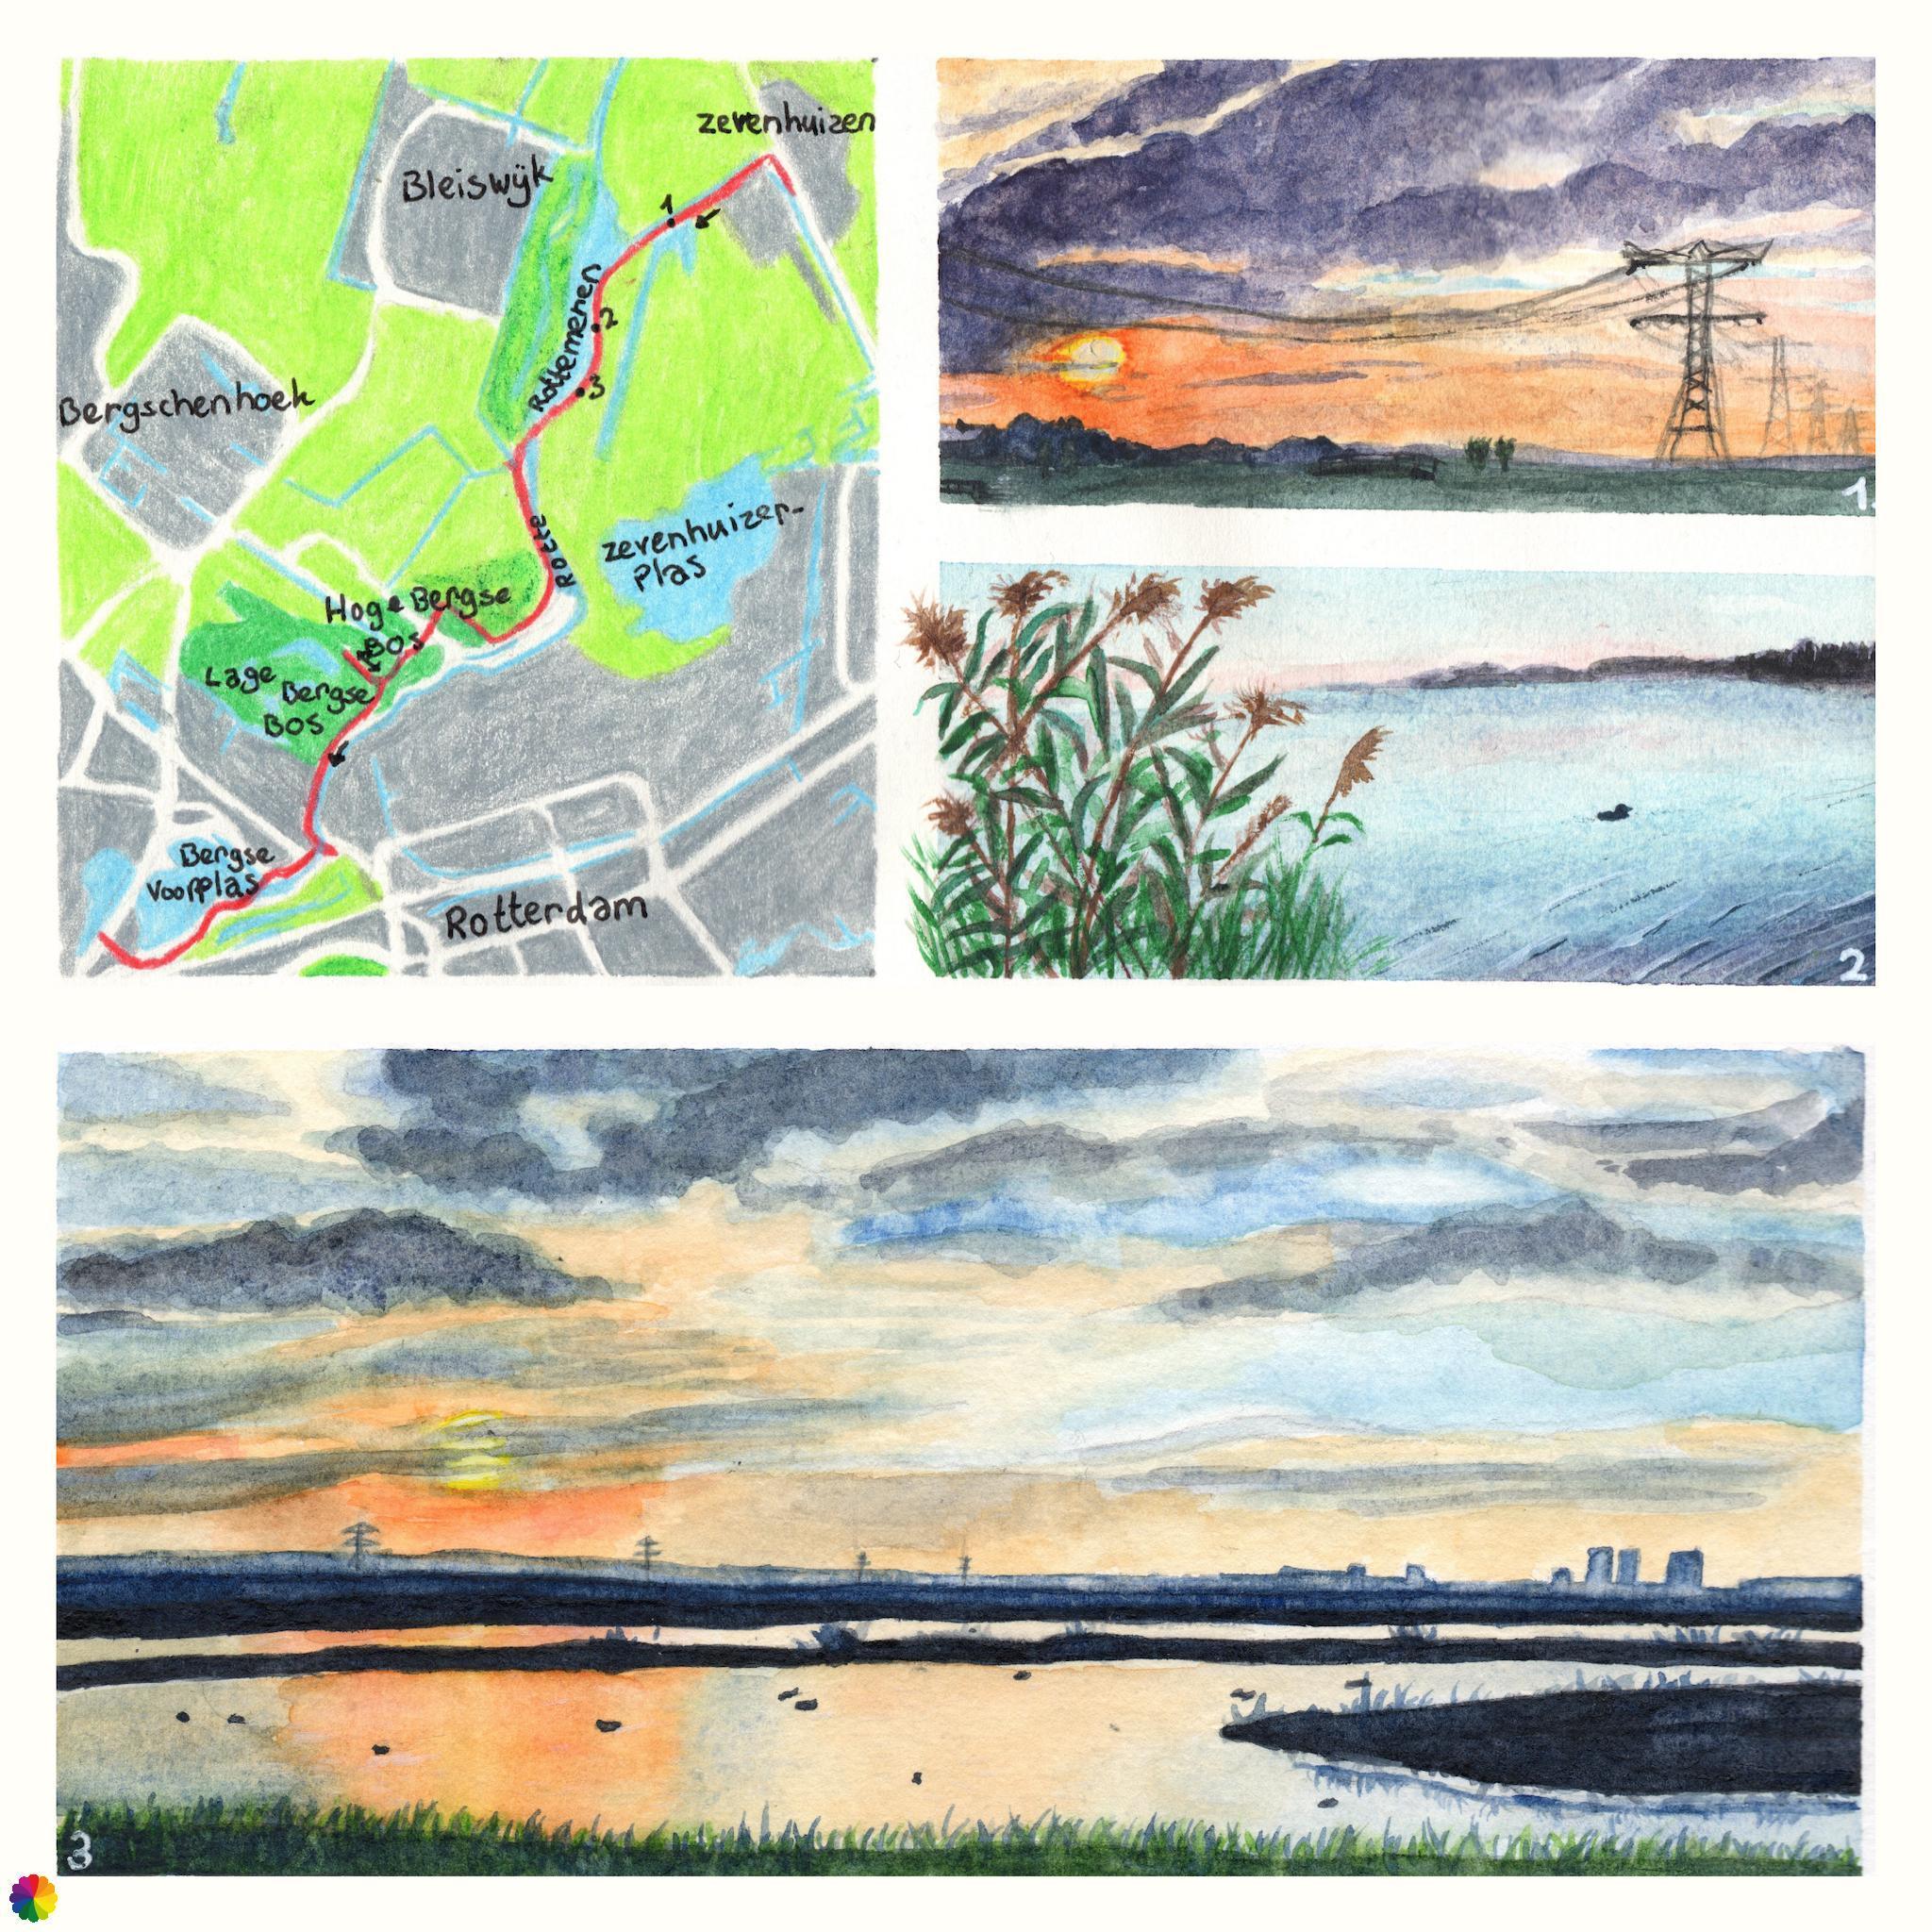 Wandelkaartje Grote rivierenpad Zevenhuizen - Hilligersberg